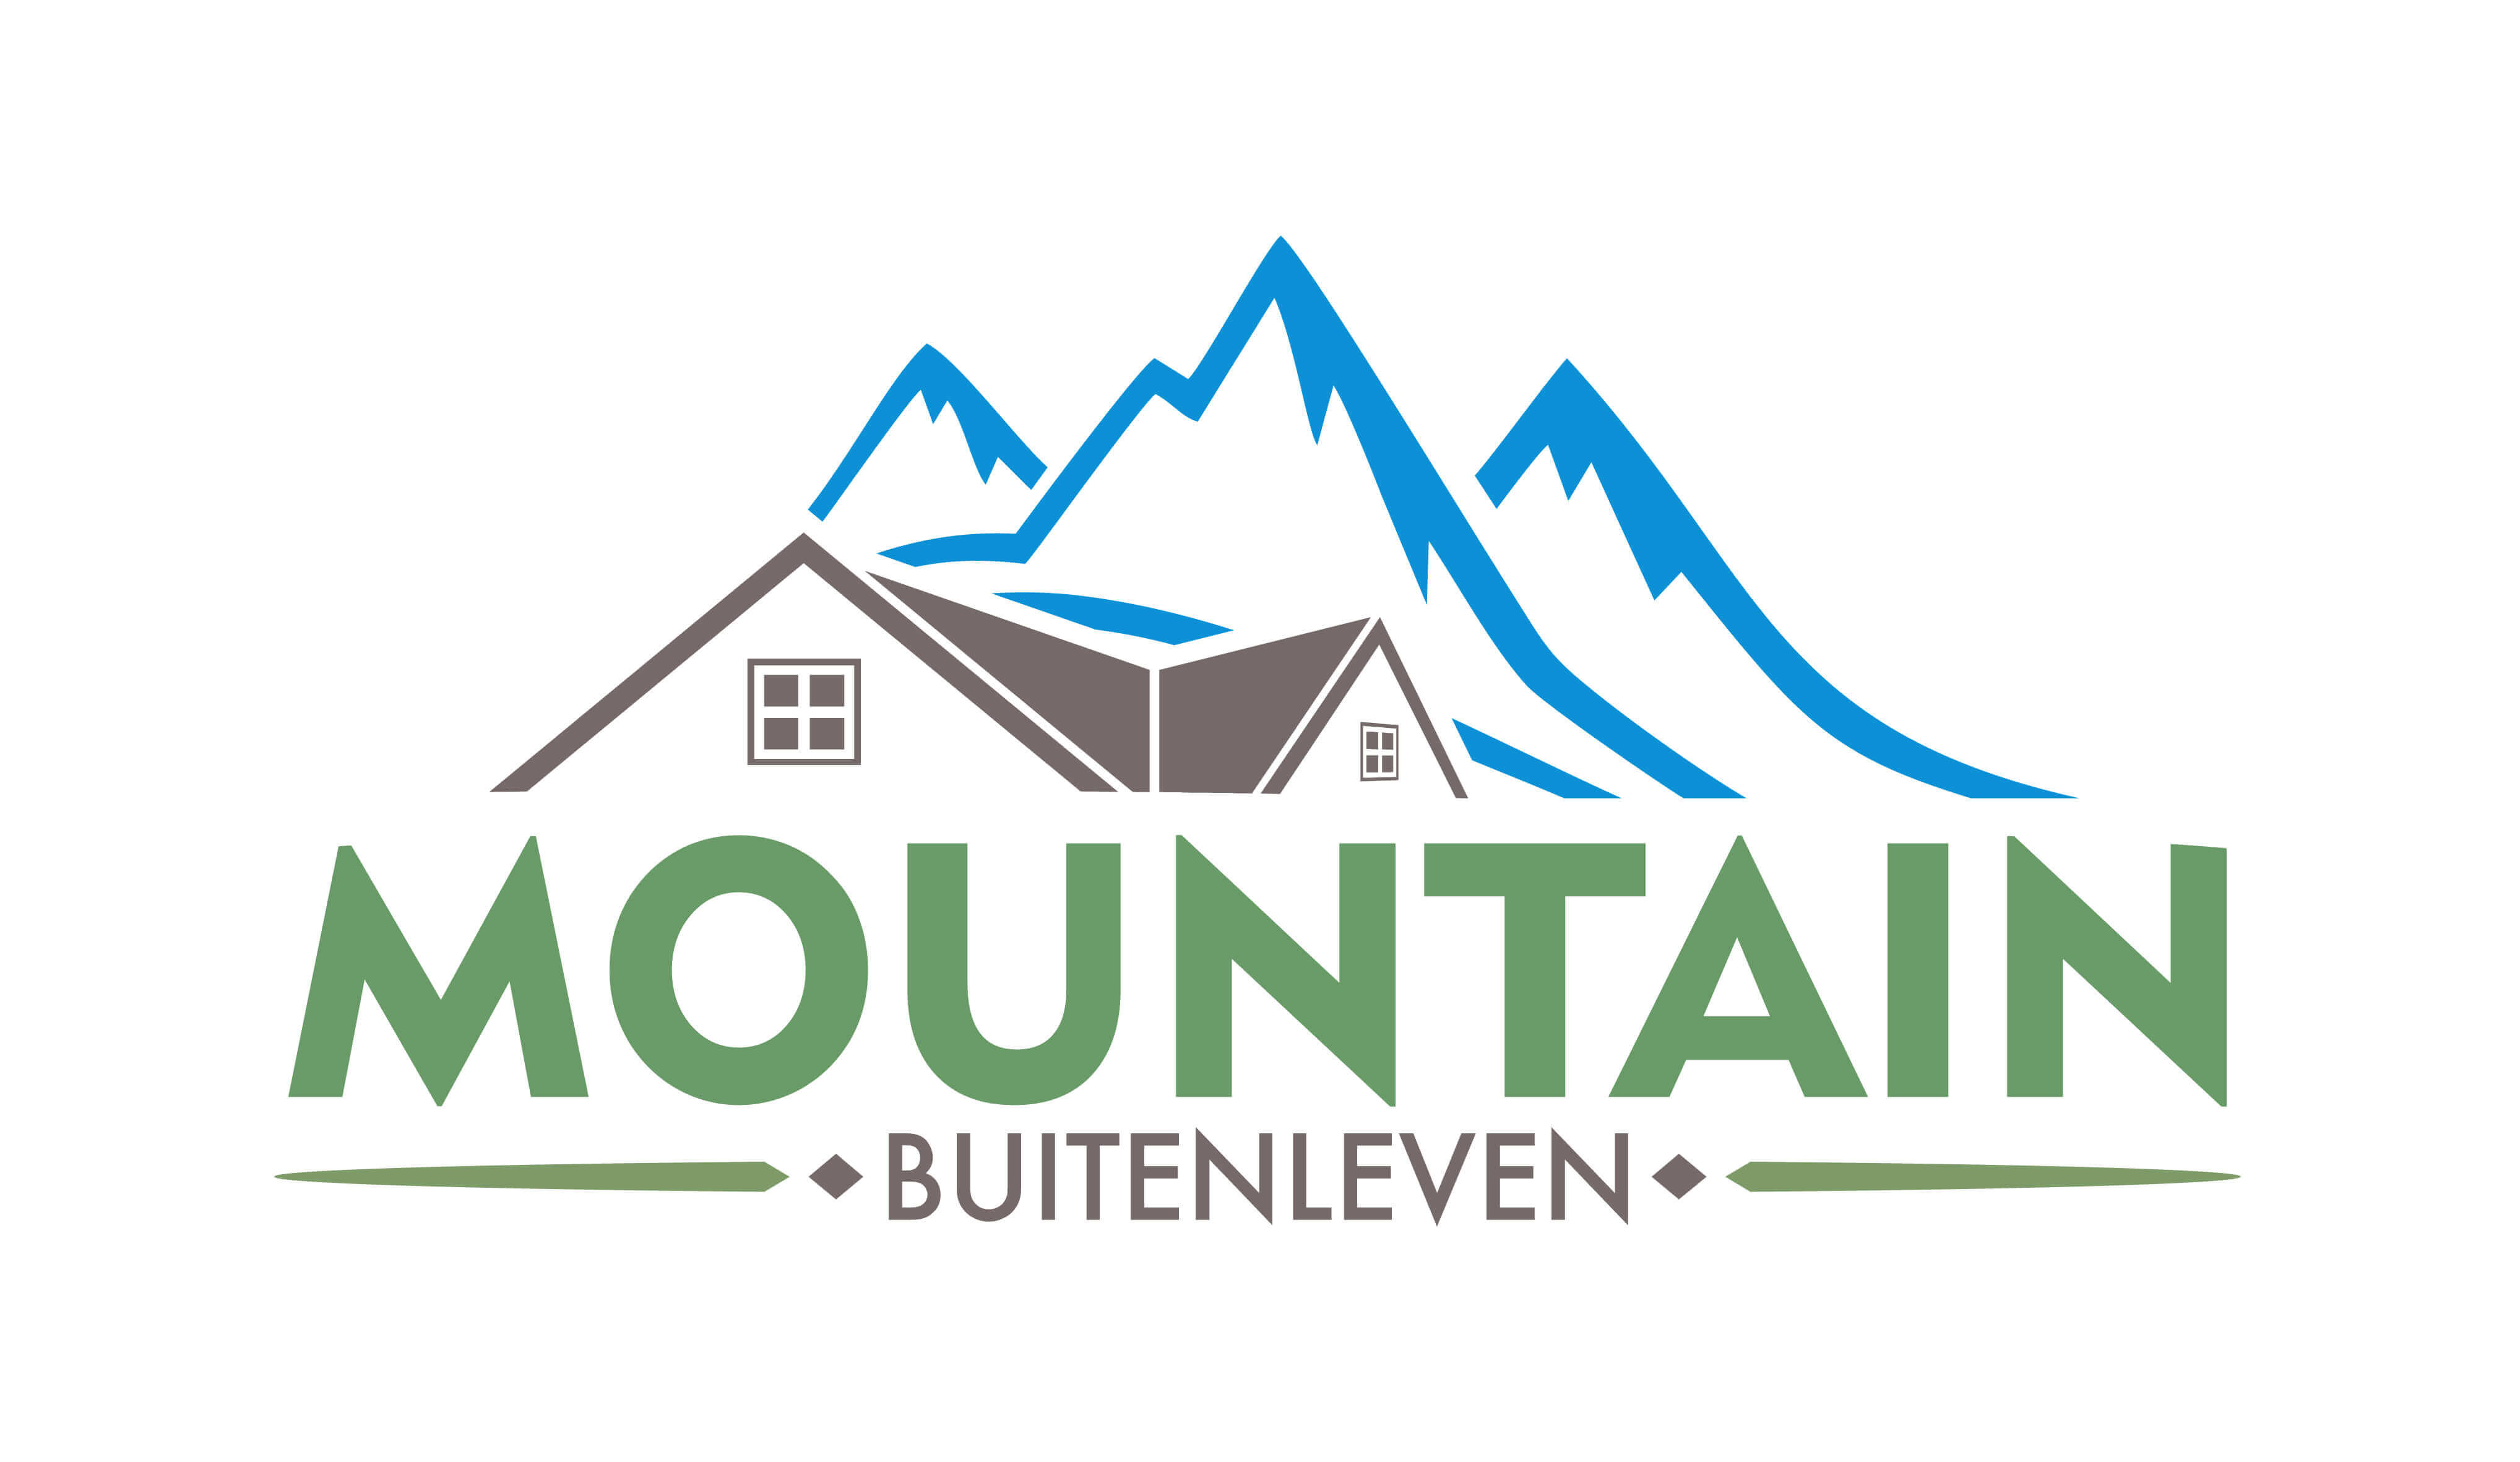 Mountain buitenleven